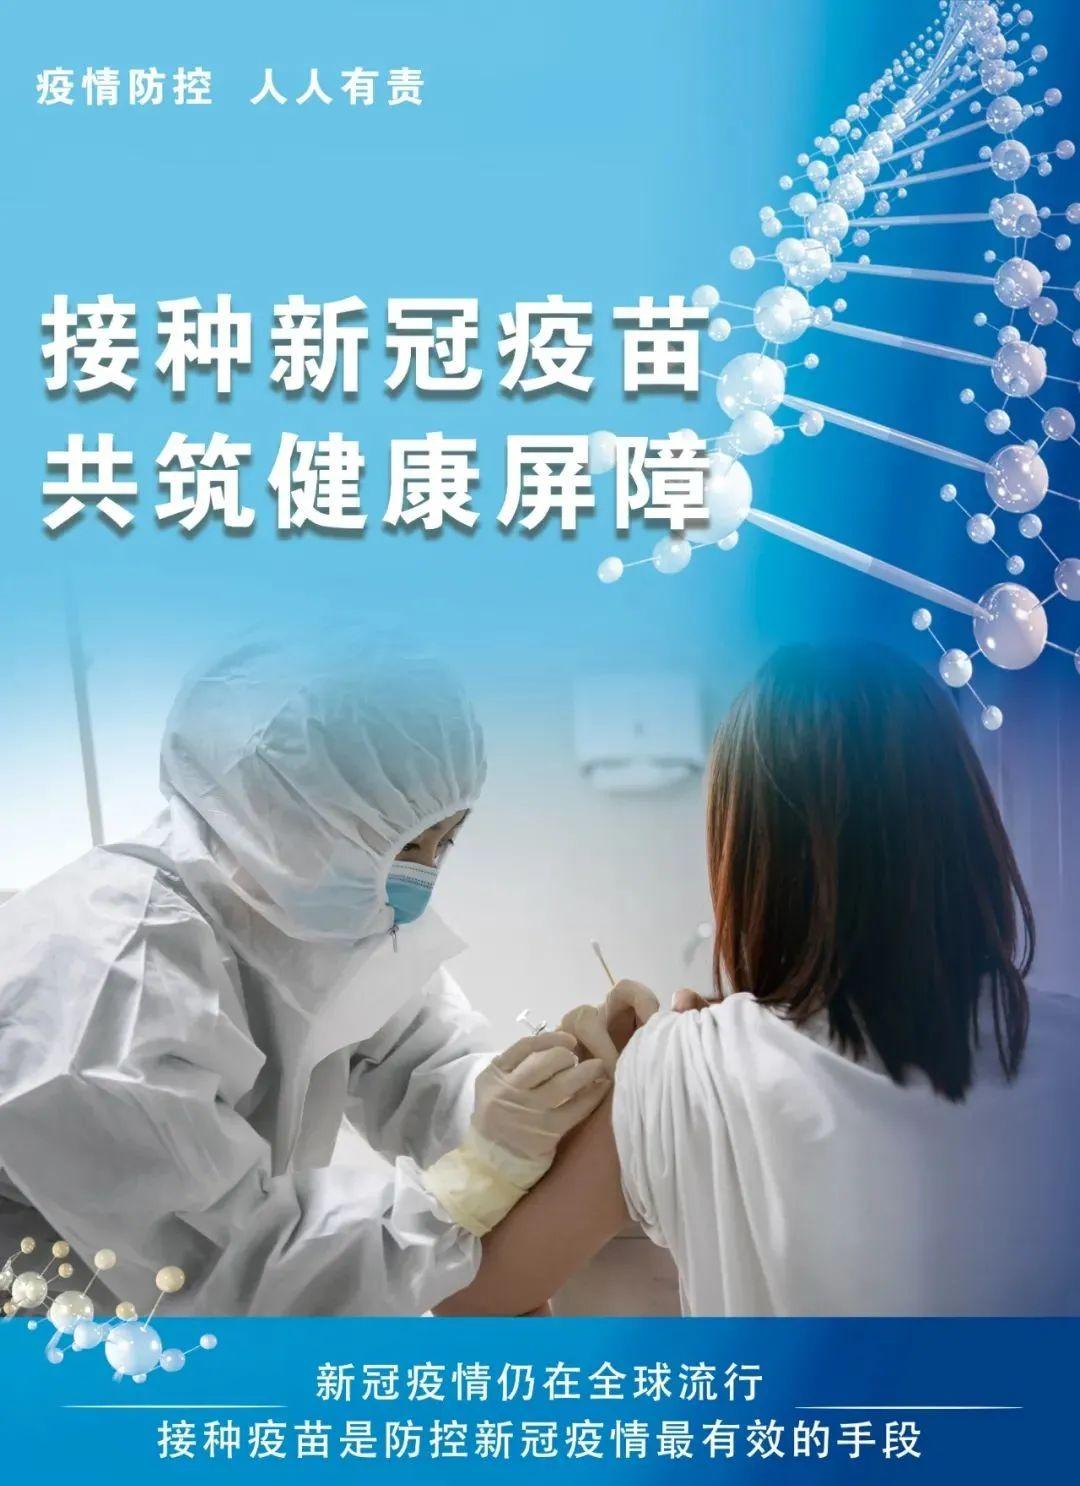 @医大人,新冠病毒疫苗来了!接种前仔细看看这份注意事项!图片